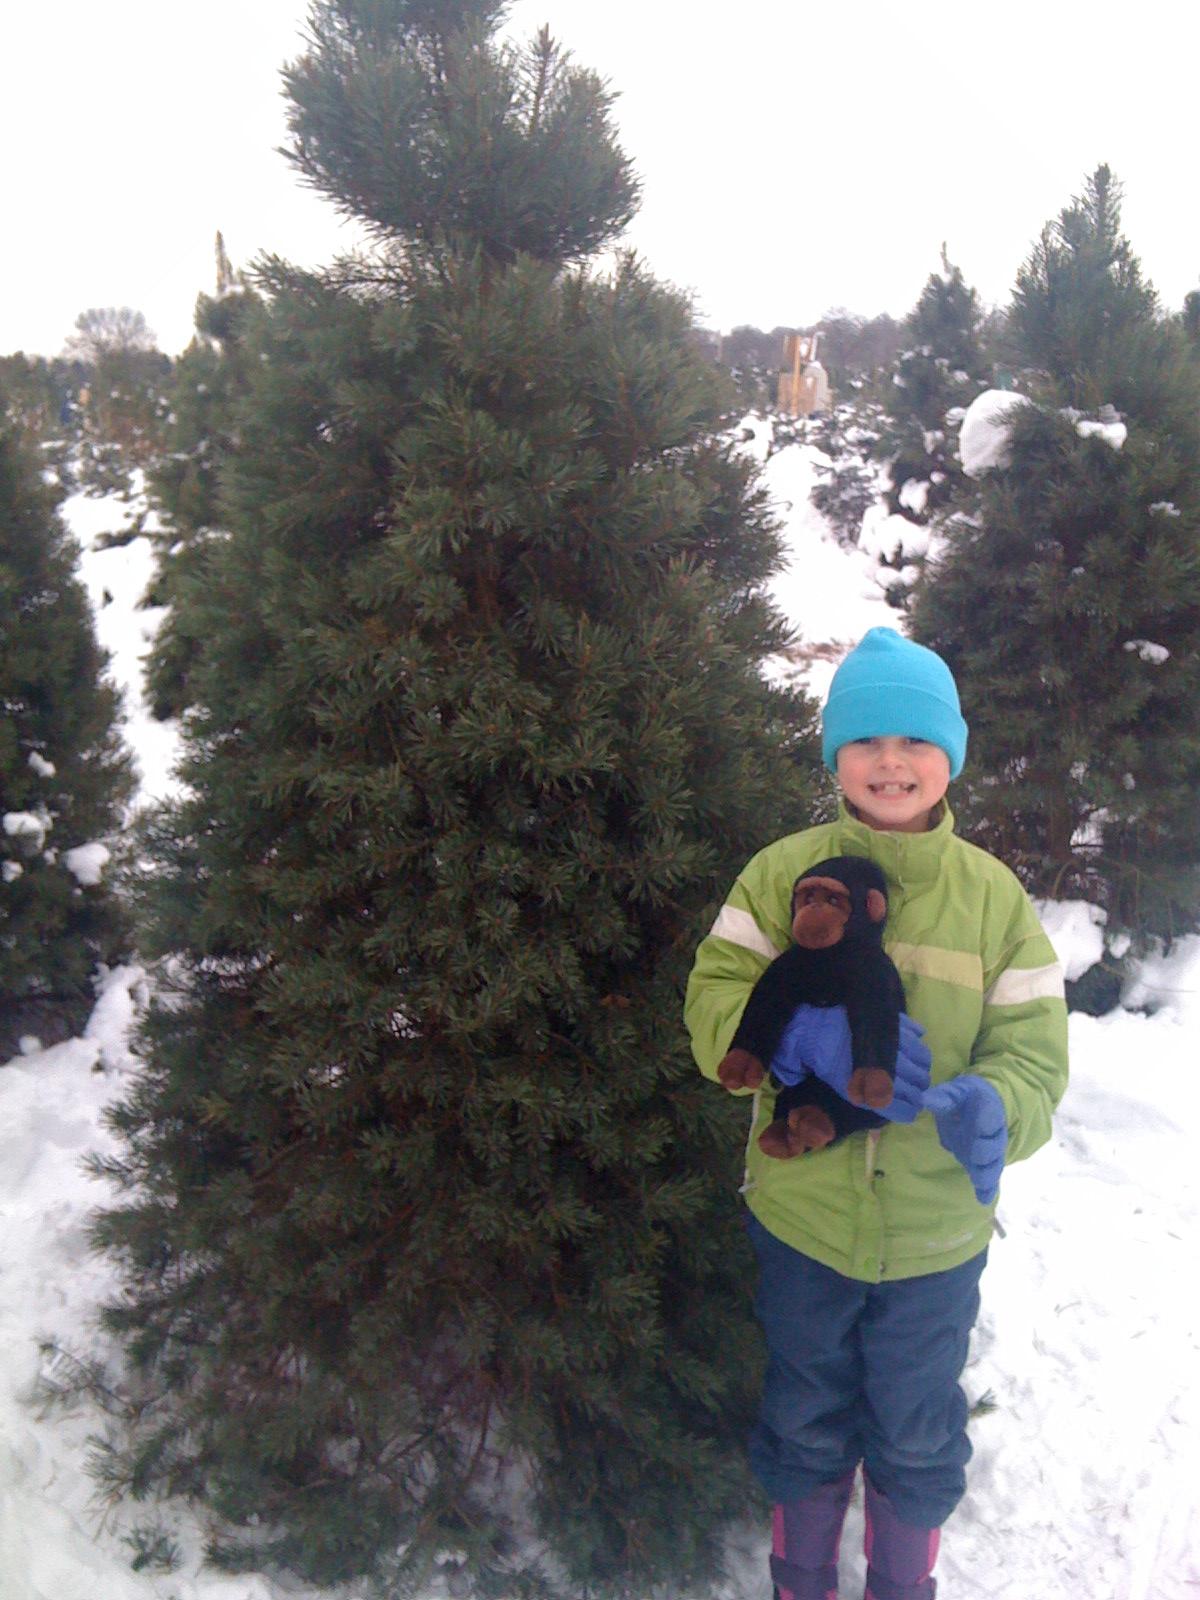 Fifi and the Christmas Tree.